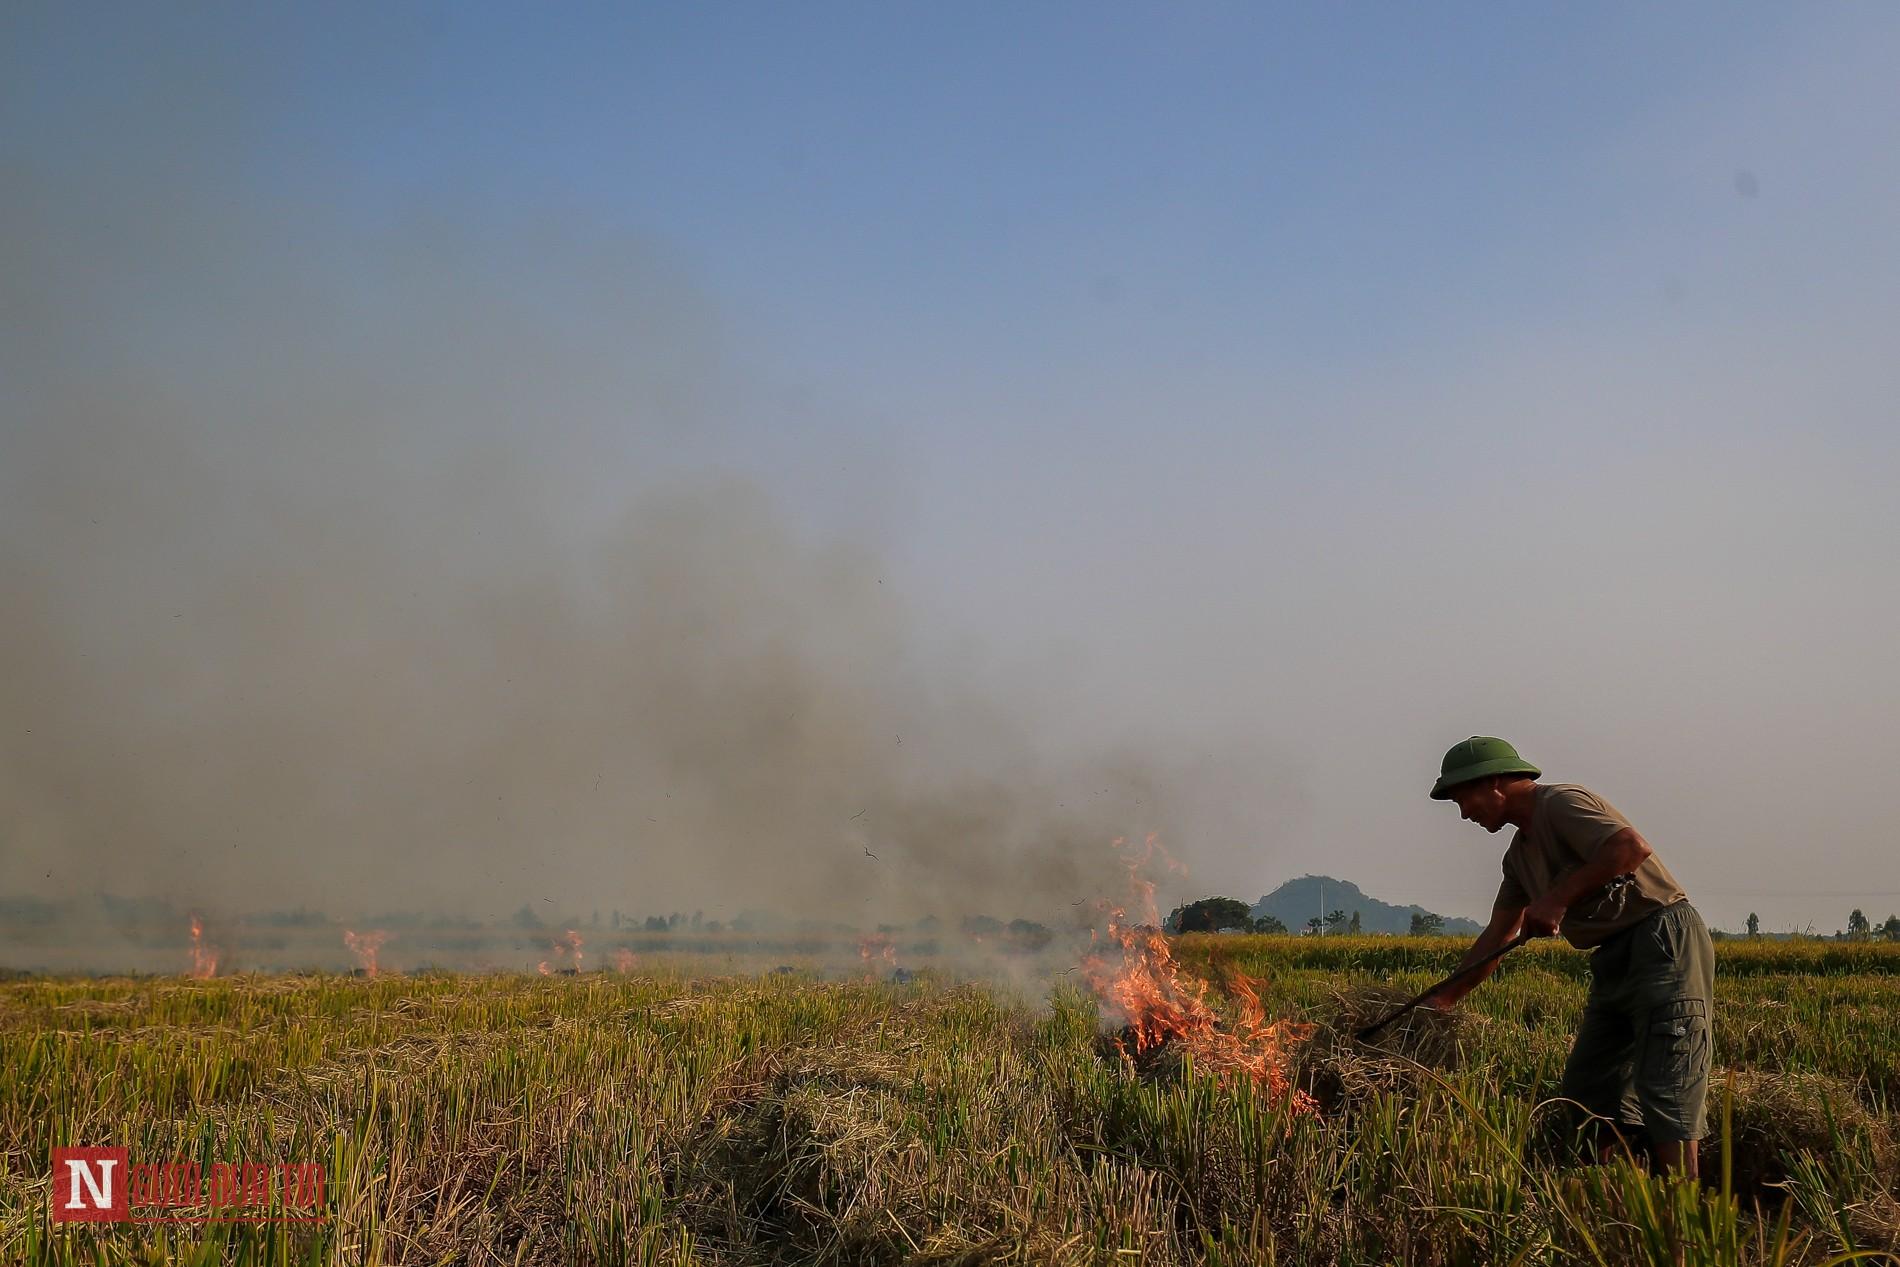 Đi tìm nguyên nhân gây khói bụi kỷ lục tại Hà Nội 10